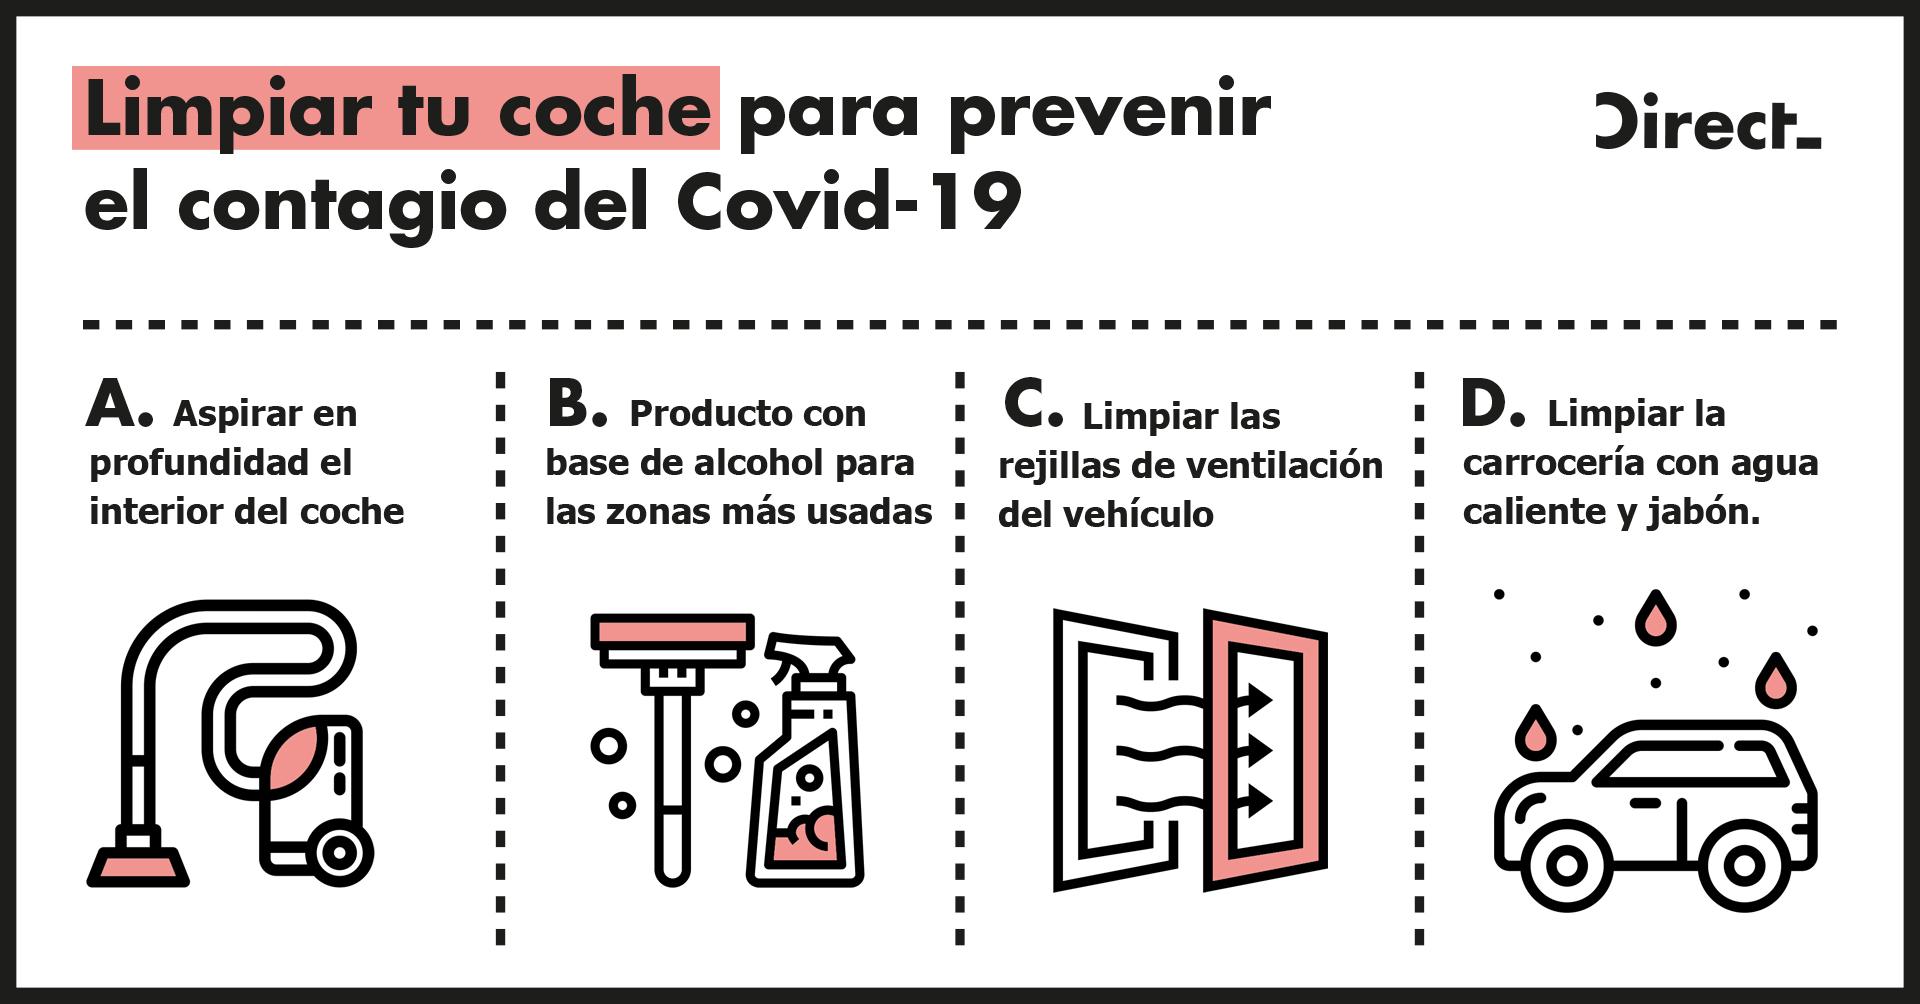 Cómo lavar el coche para evitar contagios del Covid.19